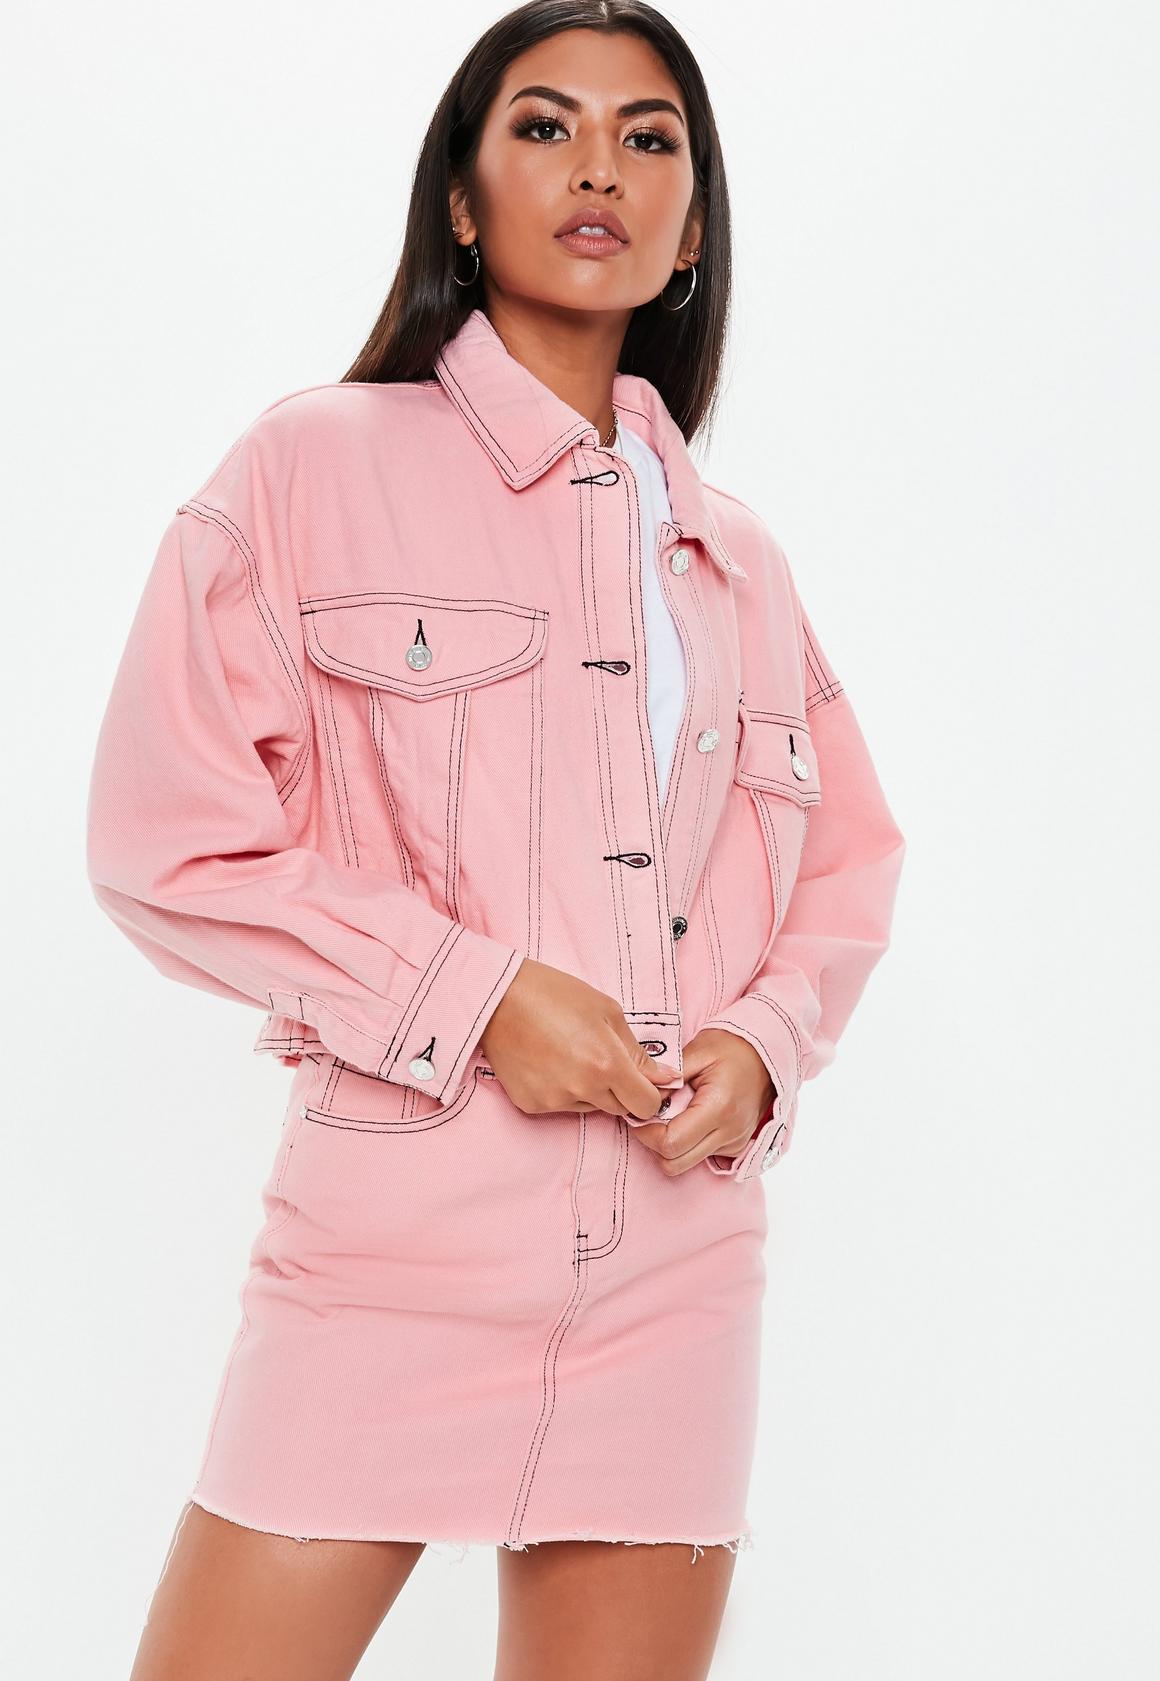 7d24c9d533dea Pink Denim Cropped Contrast Stitch Co Ord Jacket. Previous Next